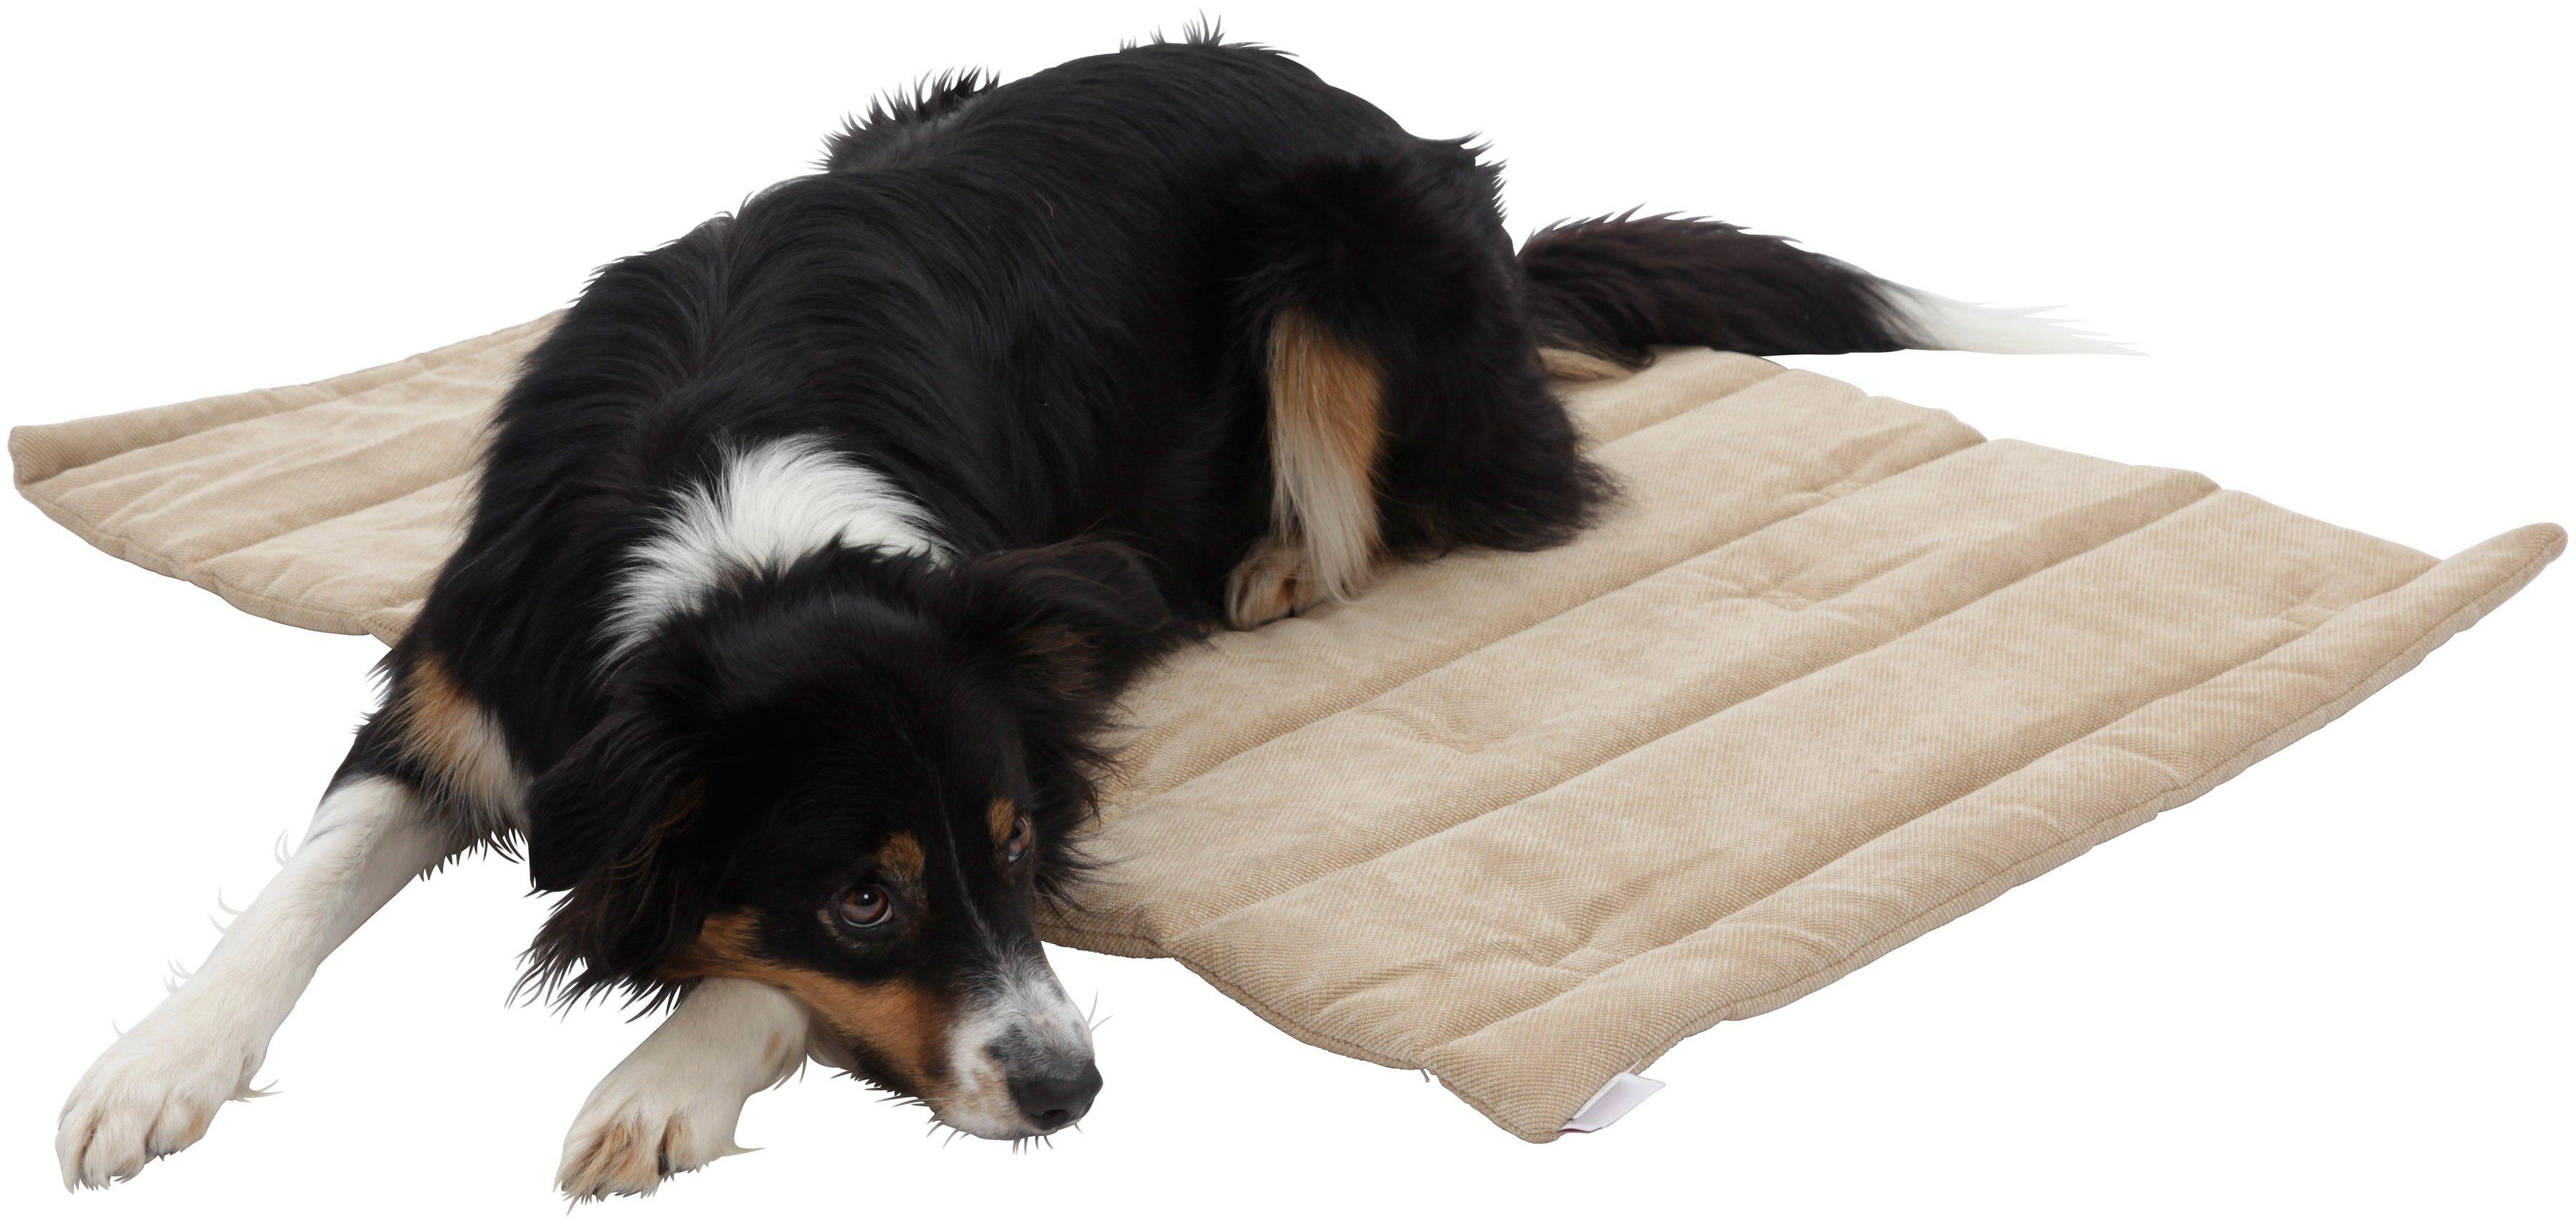 Hundedecke und Katzendecke »Mat Madison«, Reisedecke mit Tragegriff, LxB: 40x60 cm,sandfarben